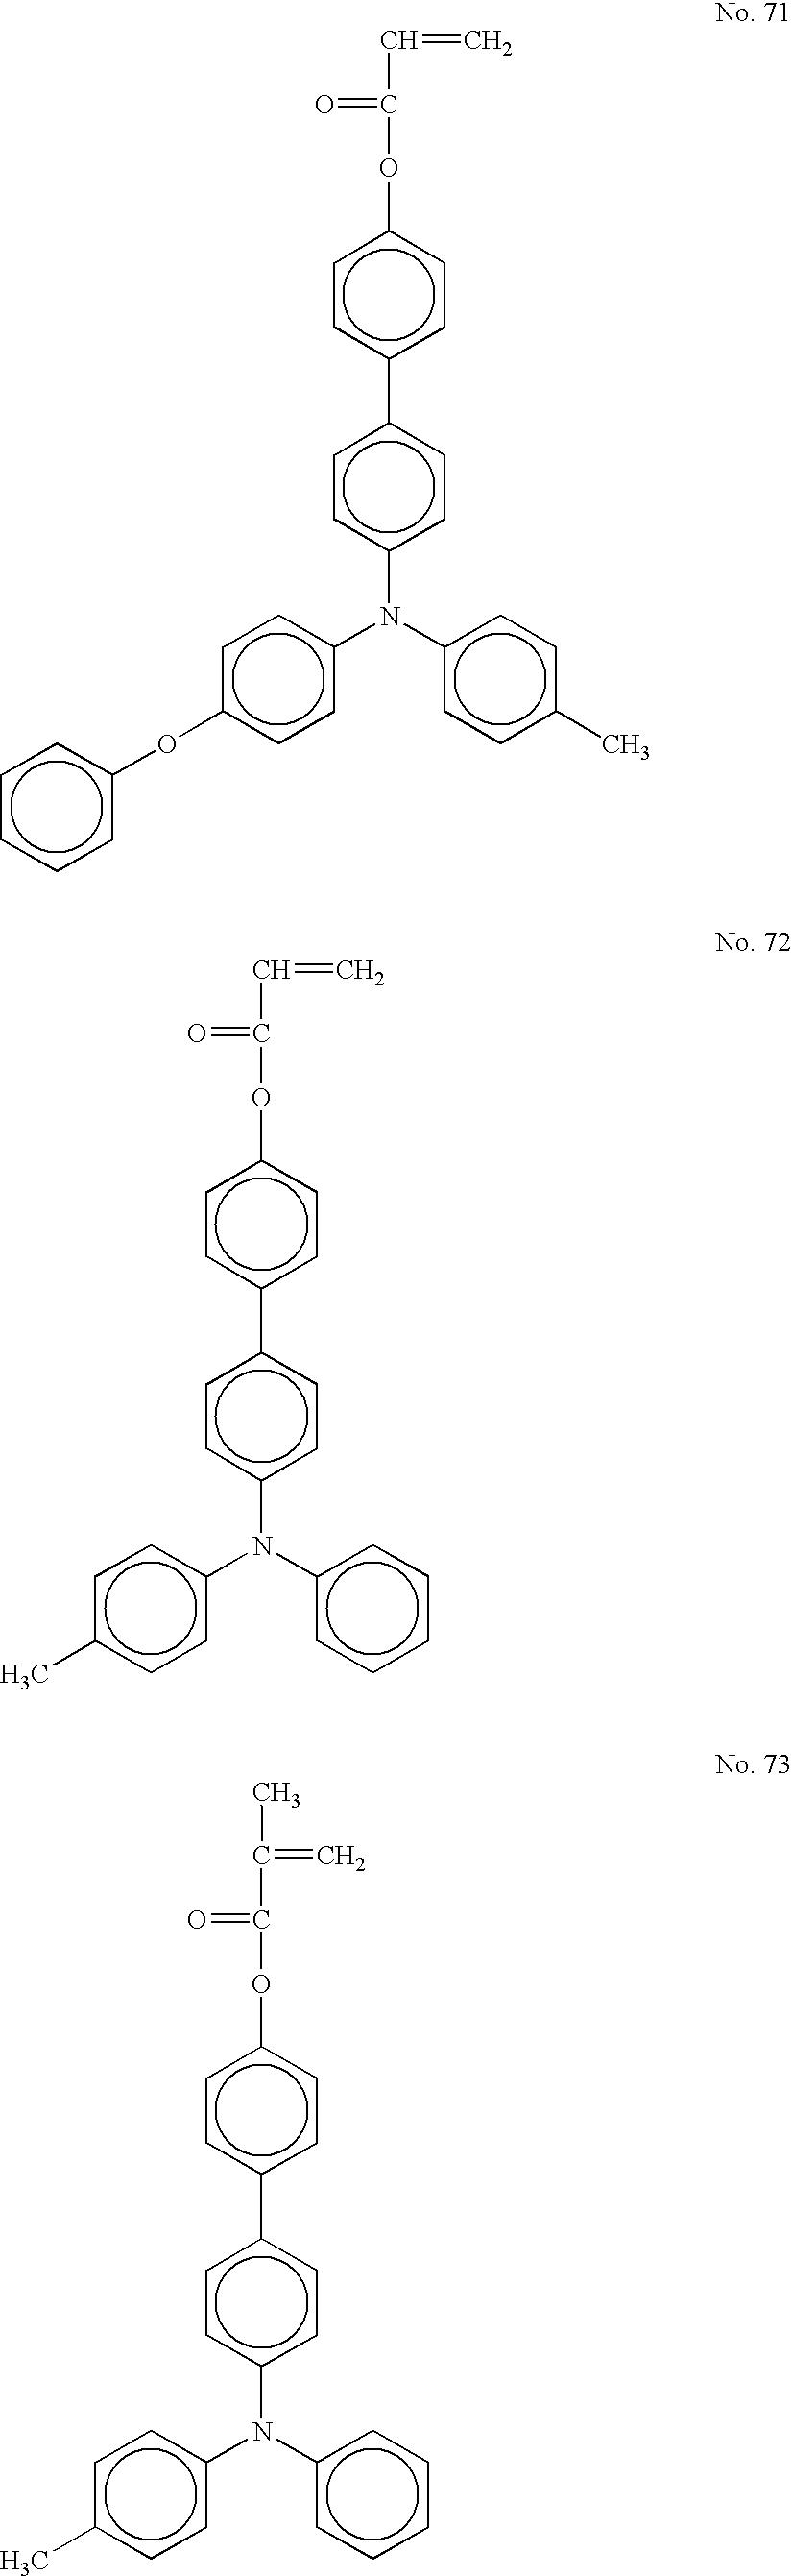 Figure US20100209842A1-20100819-C00026